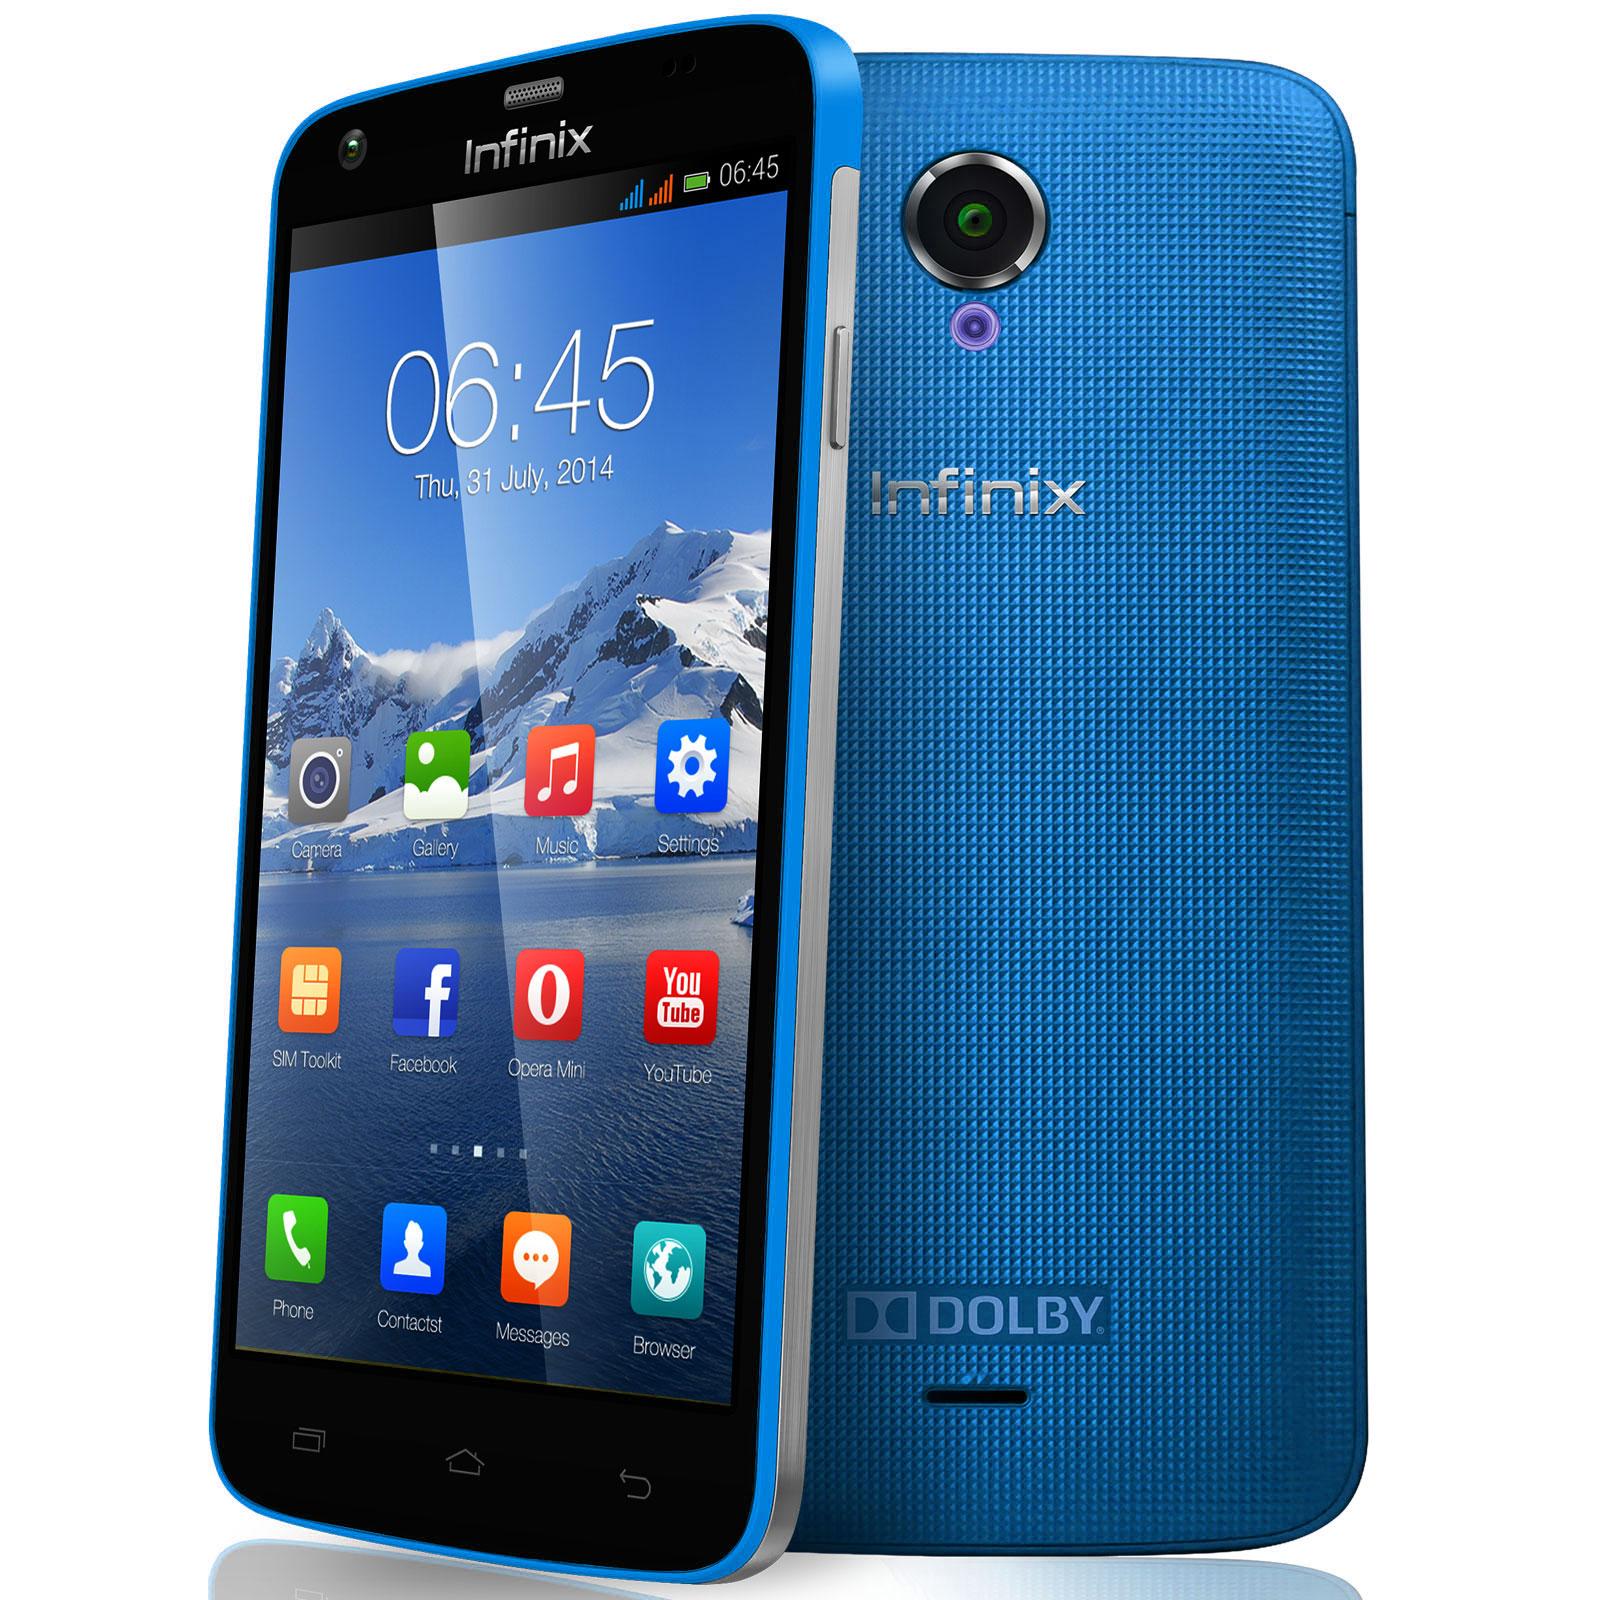 """Mobile & smartphone Infinix Race Jet X505 Bleu Smartphone 4G-LTE avec écran tactile 5"""" sous Android 4.4"""